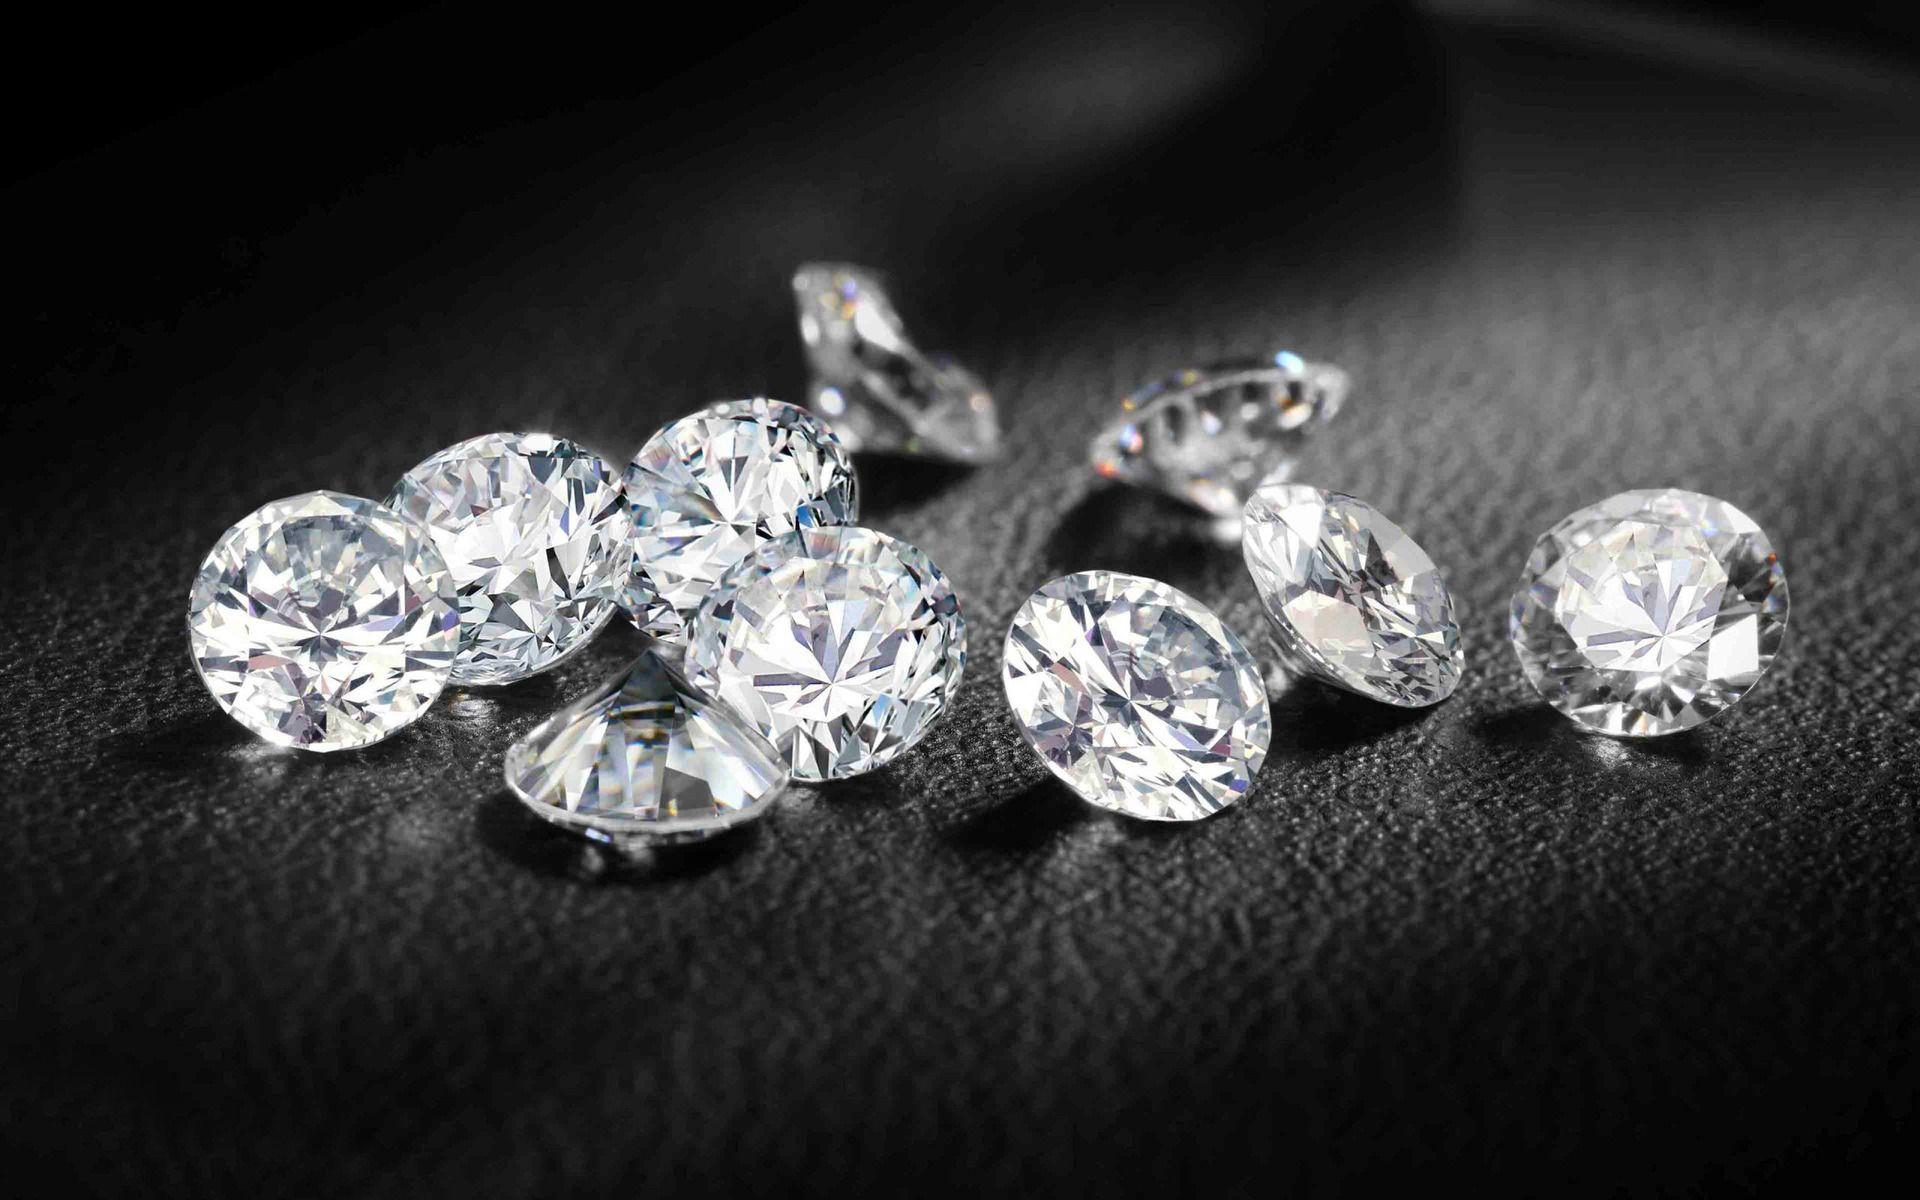 Diamond Wallpaper HD Resolution #Azd | Awesomeness | Pinterest ...